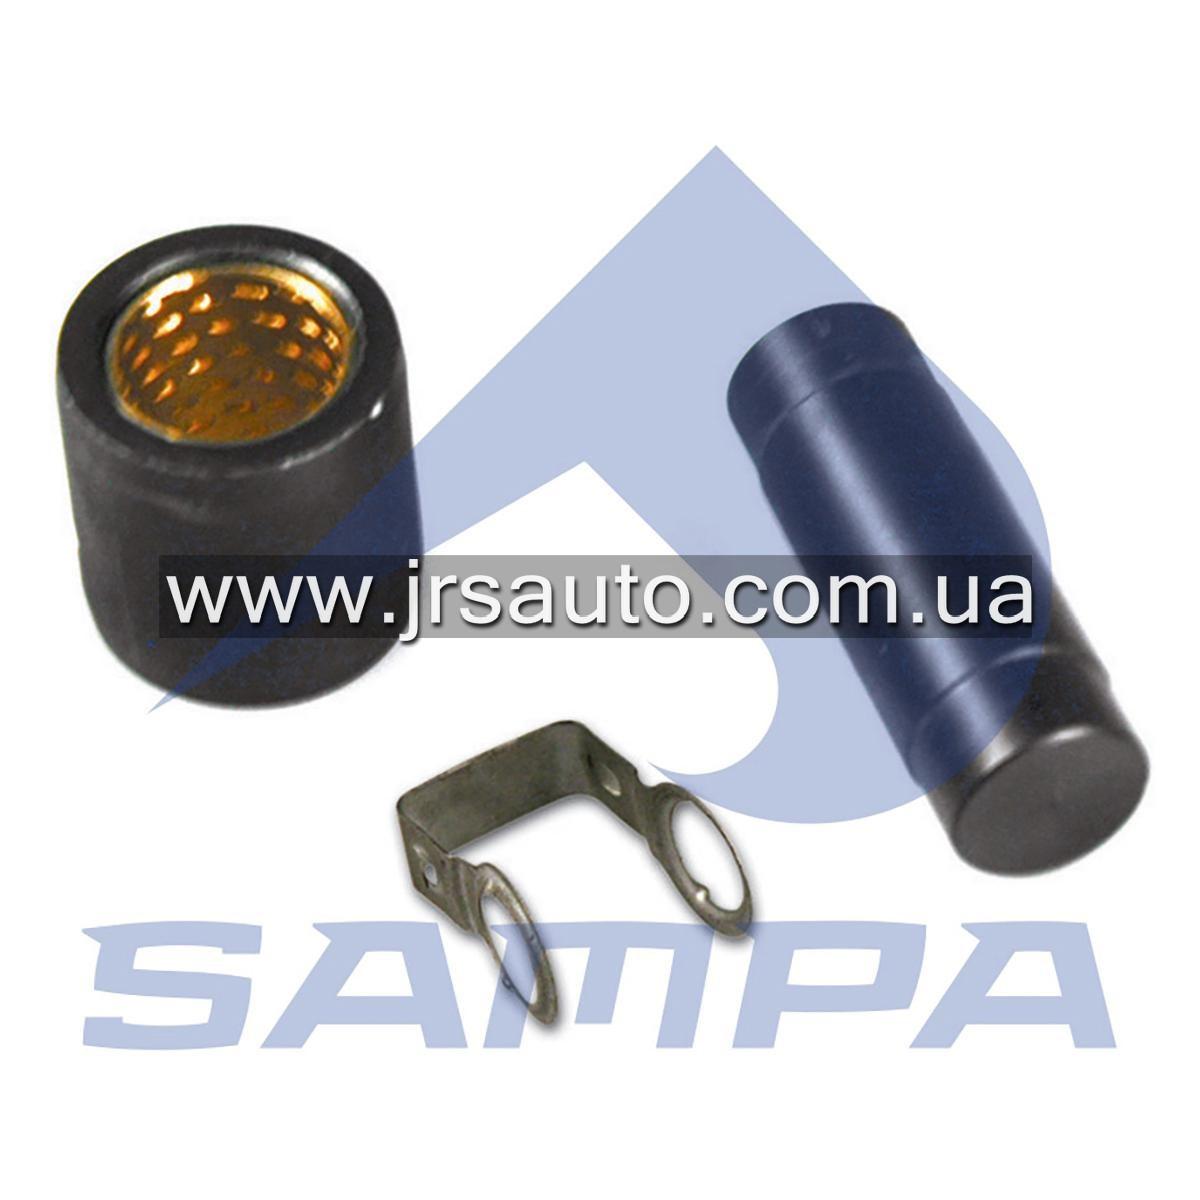 Ремкомплект ролика колодки тормозной (d19/d19,7x56 mm) ROR \15226262 \ 085.532